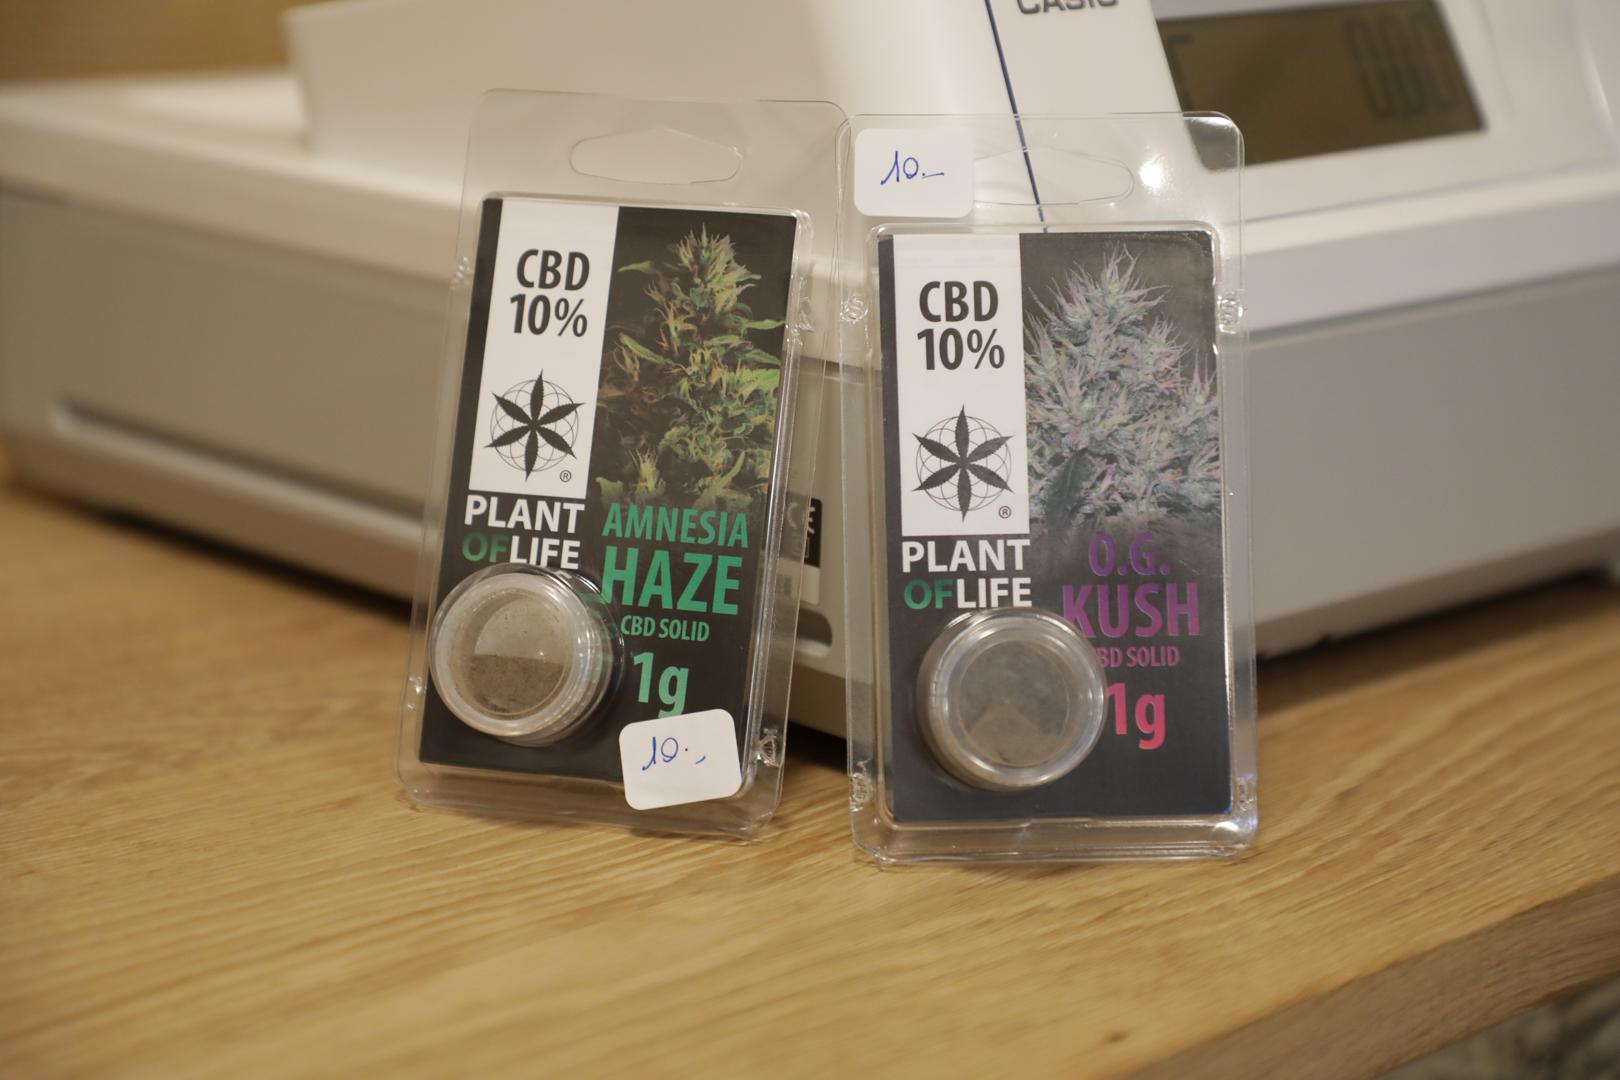 Arlon : la boutique de cannabis (CBD) contrôlée par la police !